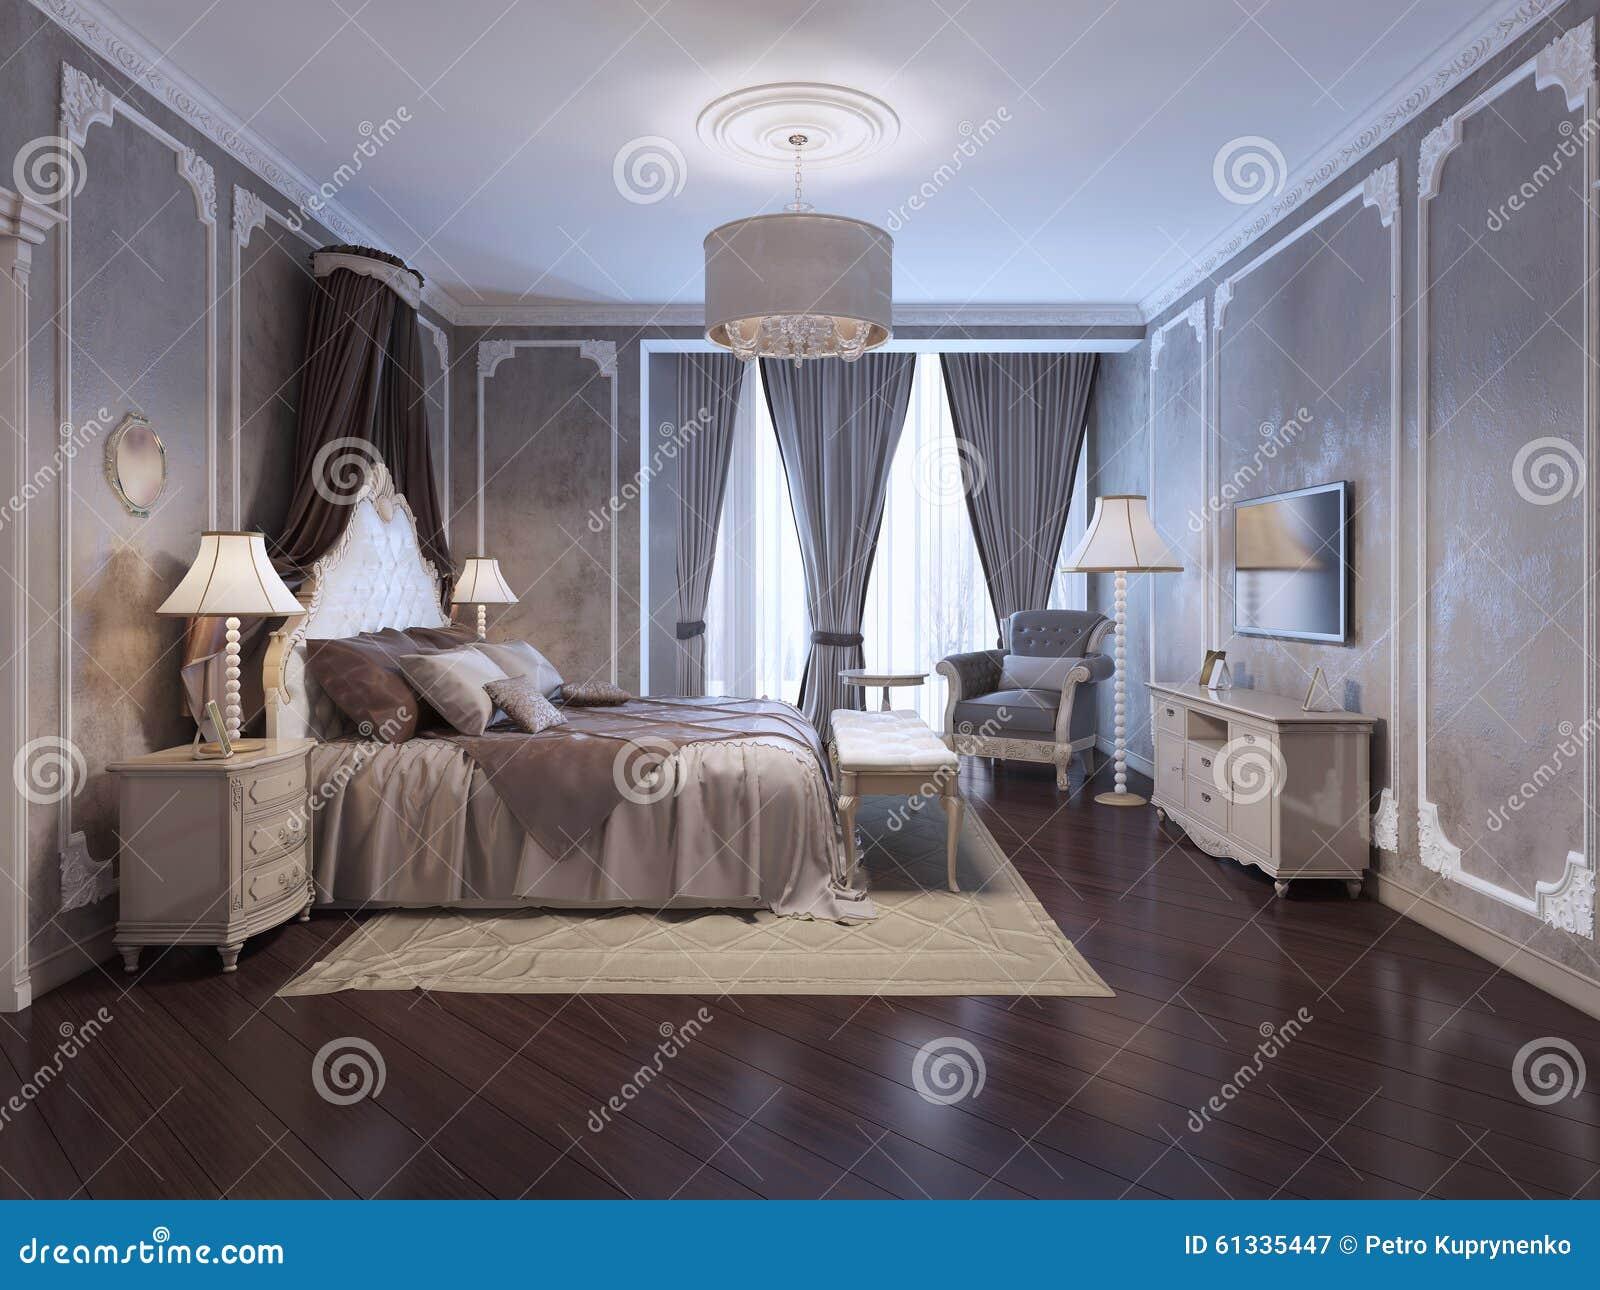 Ispirazione per la camera da letto dell'albergo di lusso ...